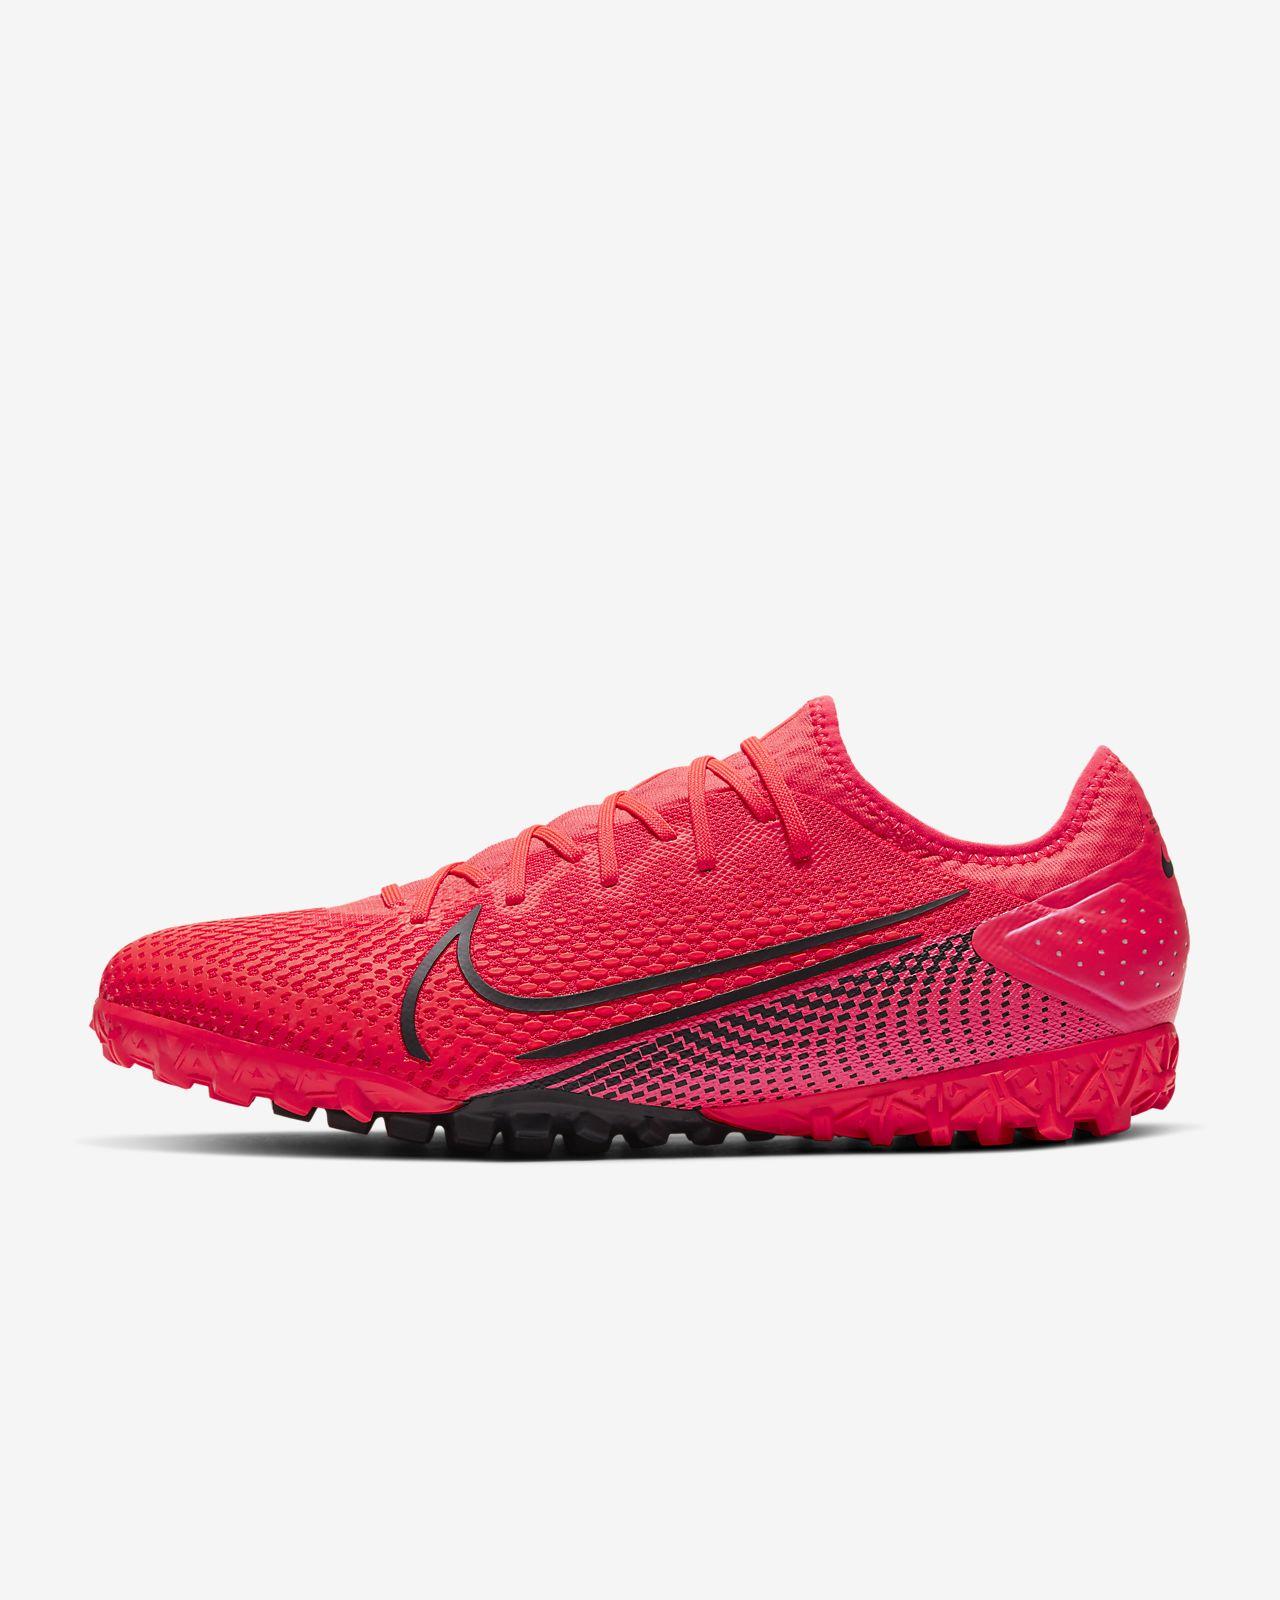 Nike Mercurial Vapor 13 Pro TF műfűre készült futballcipő